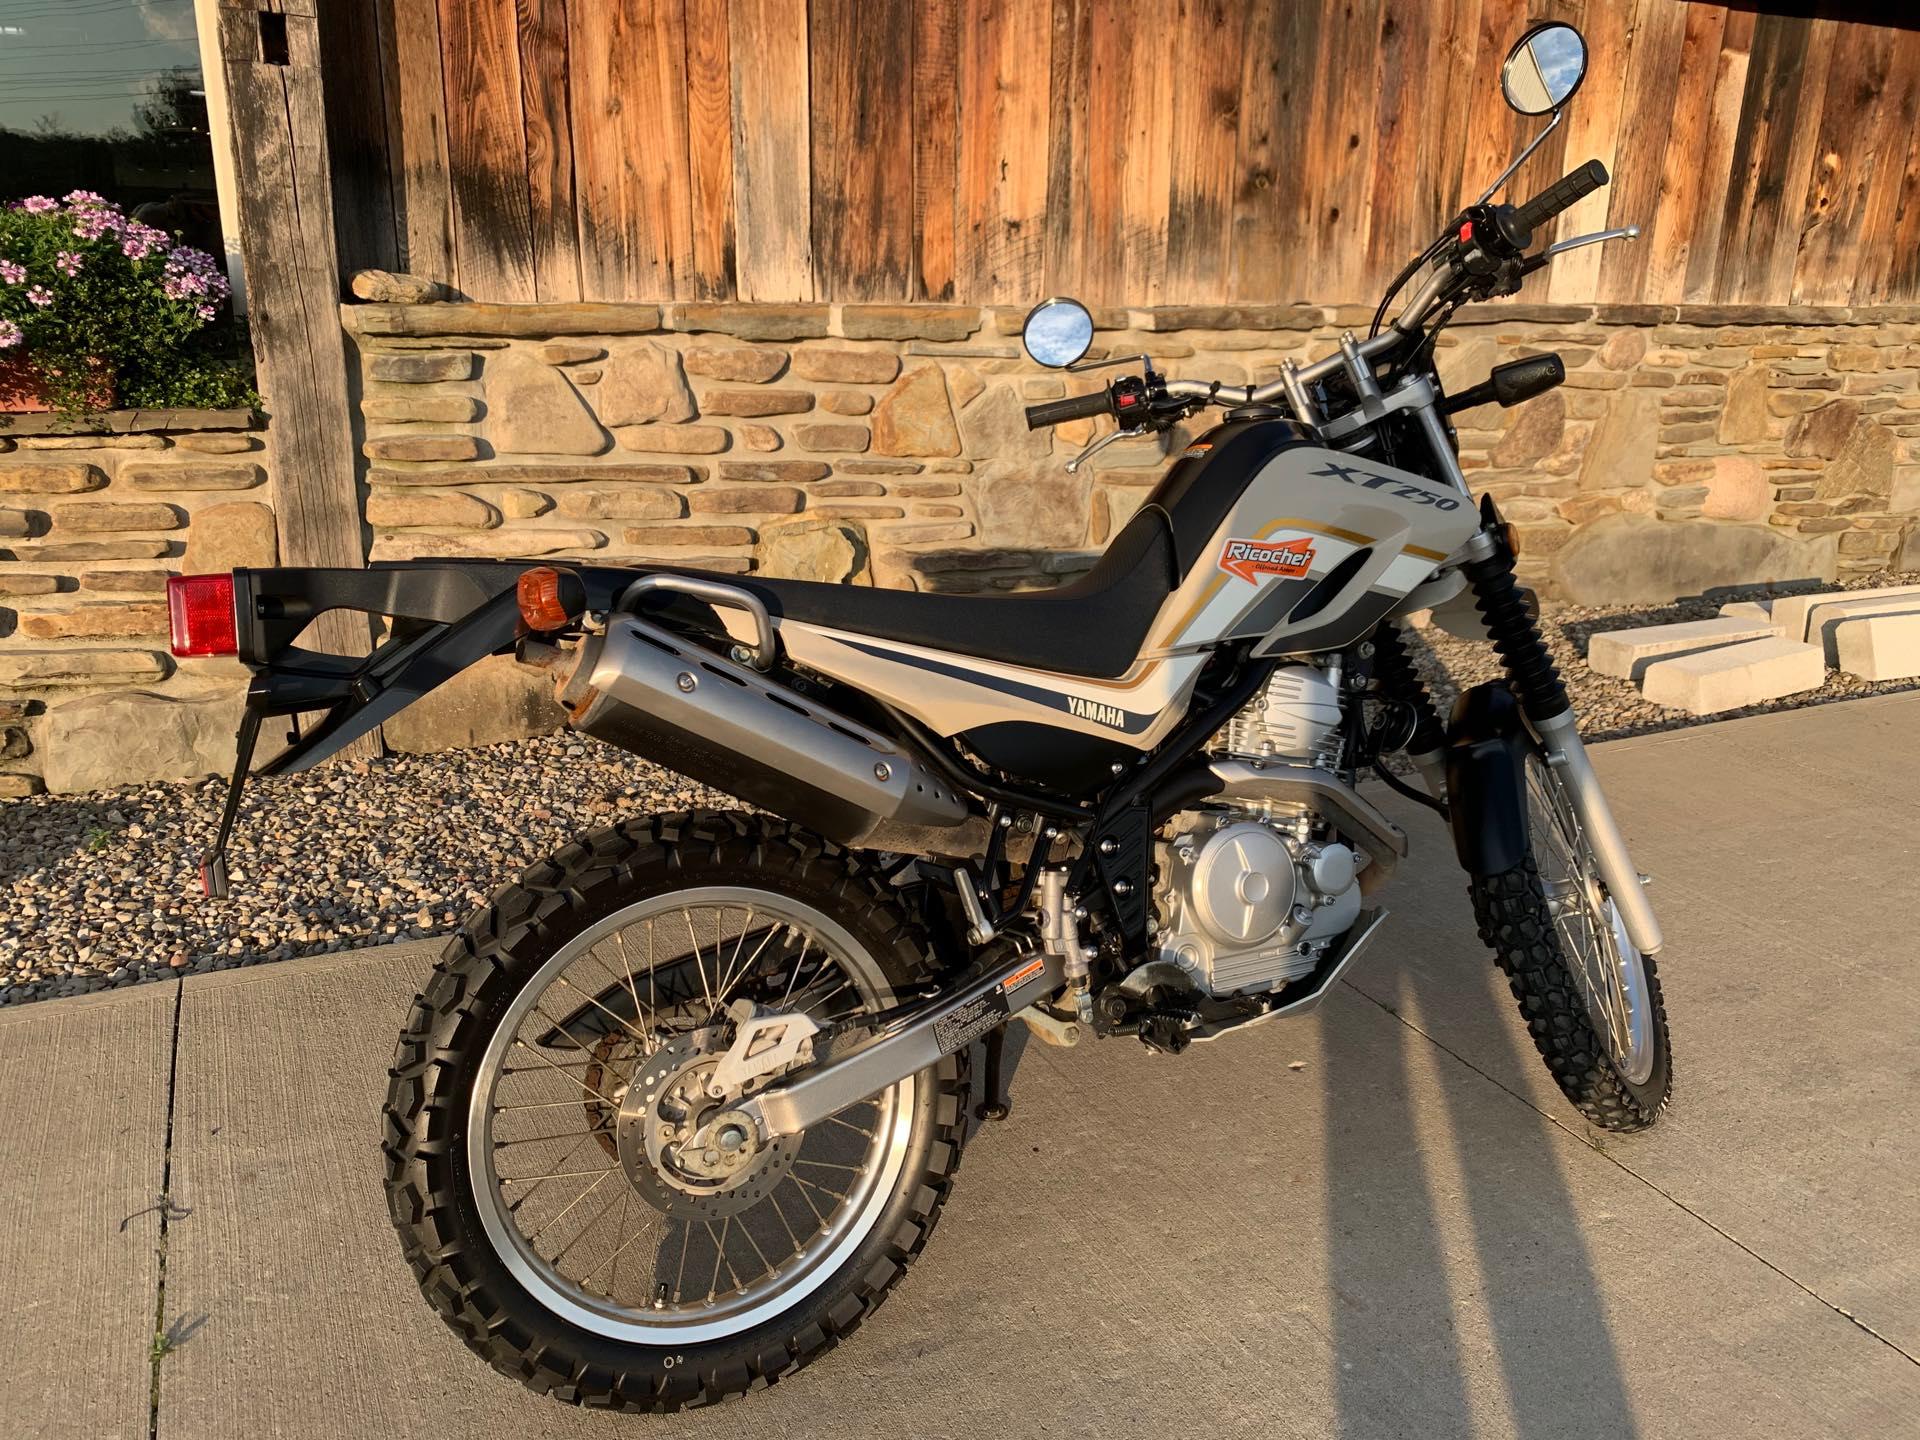 2019 Yamaha XT 250 at Arkport Cycles